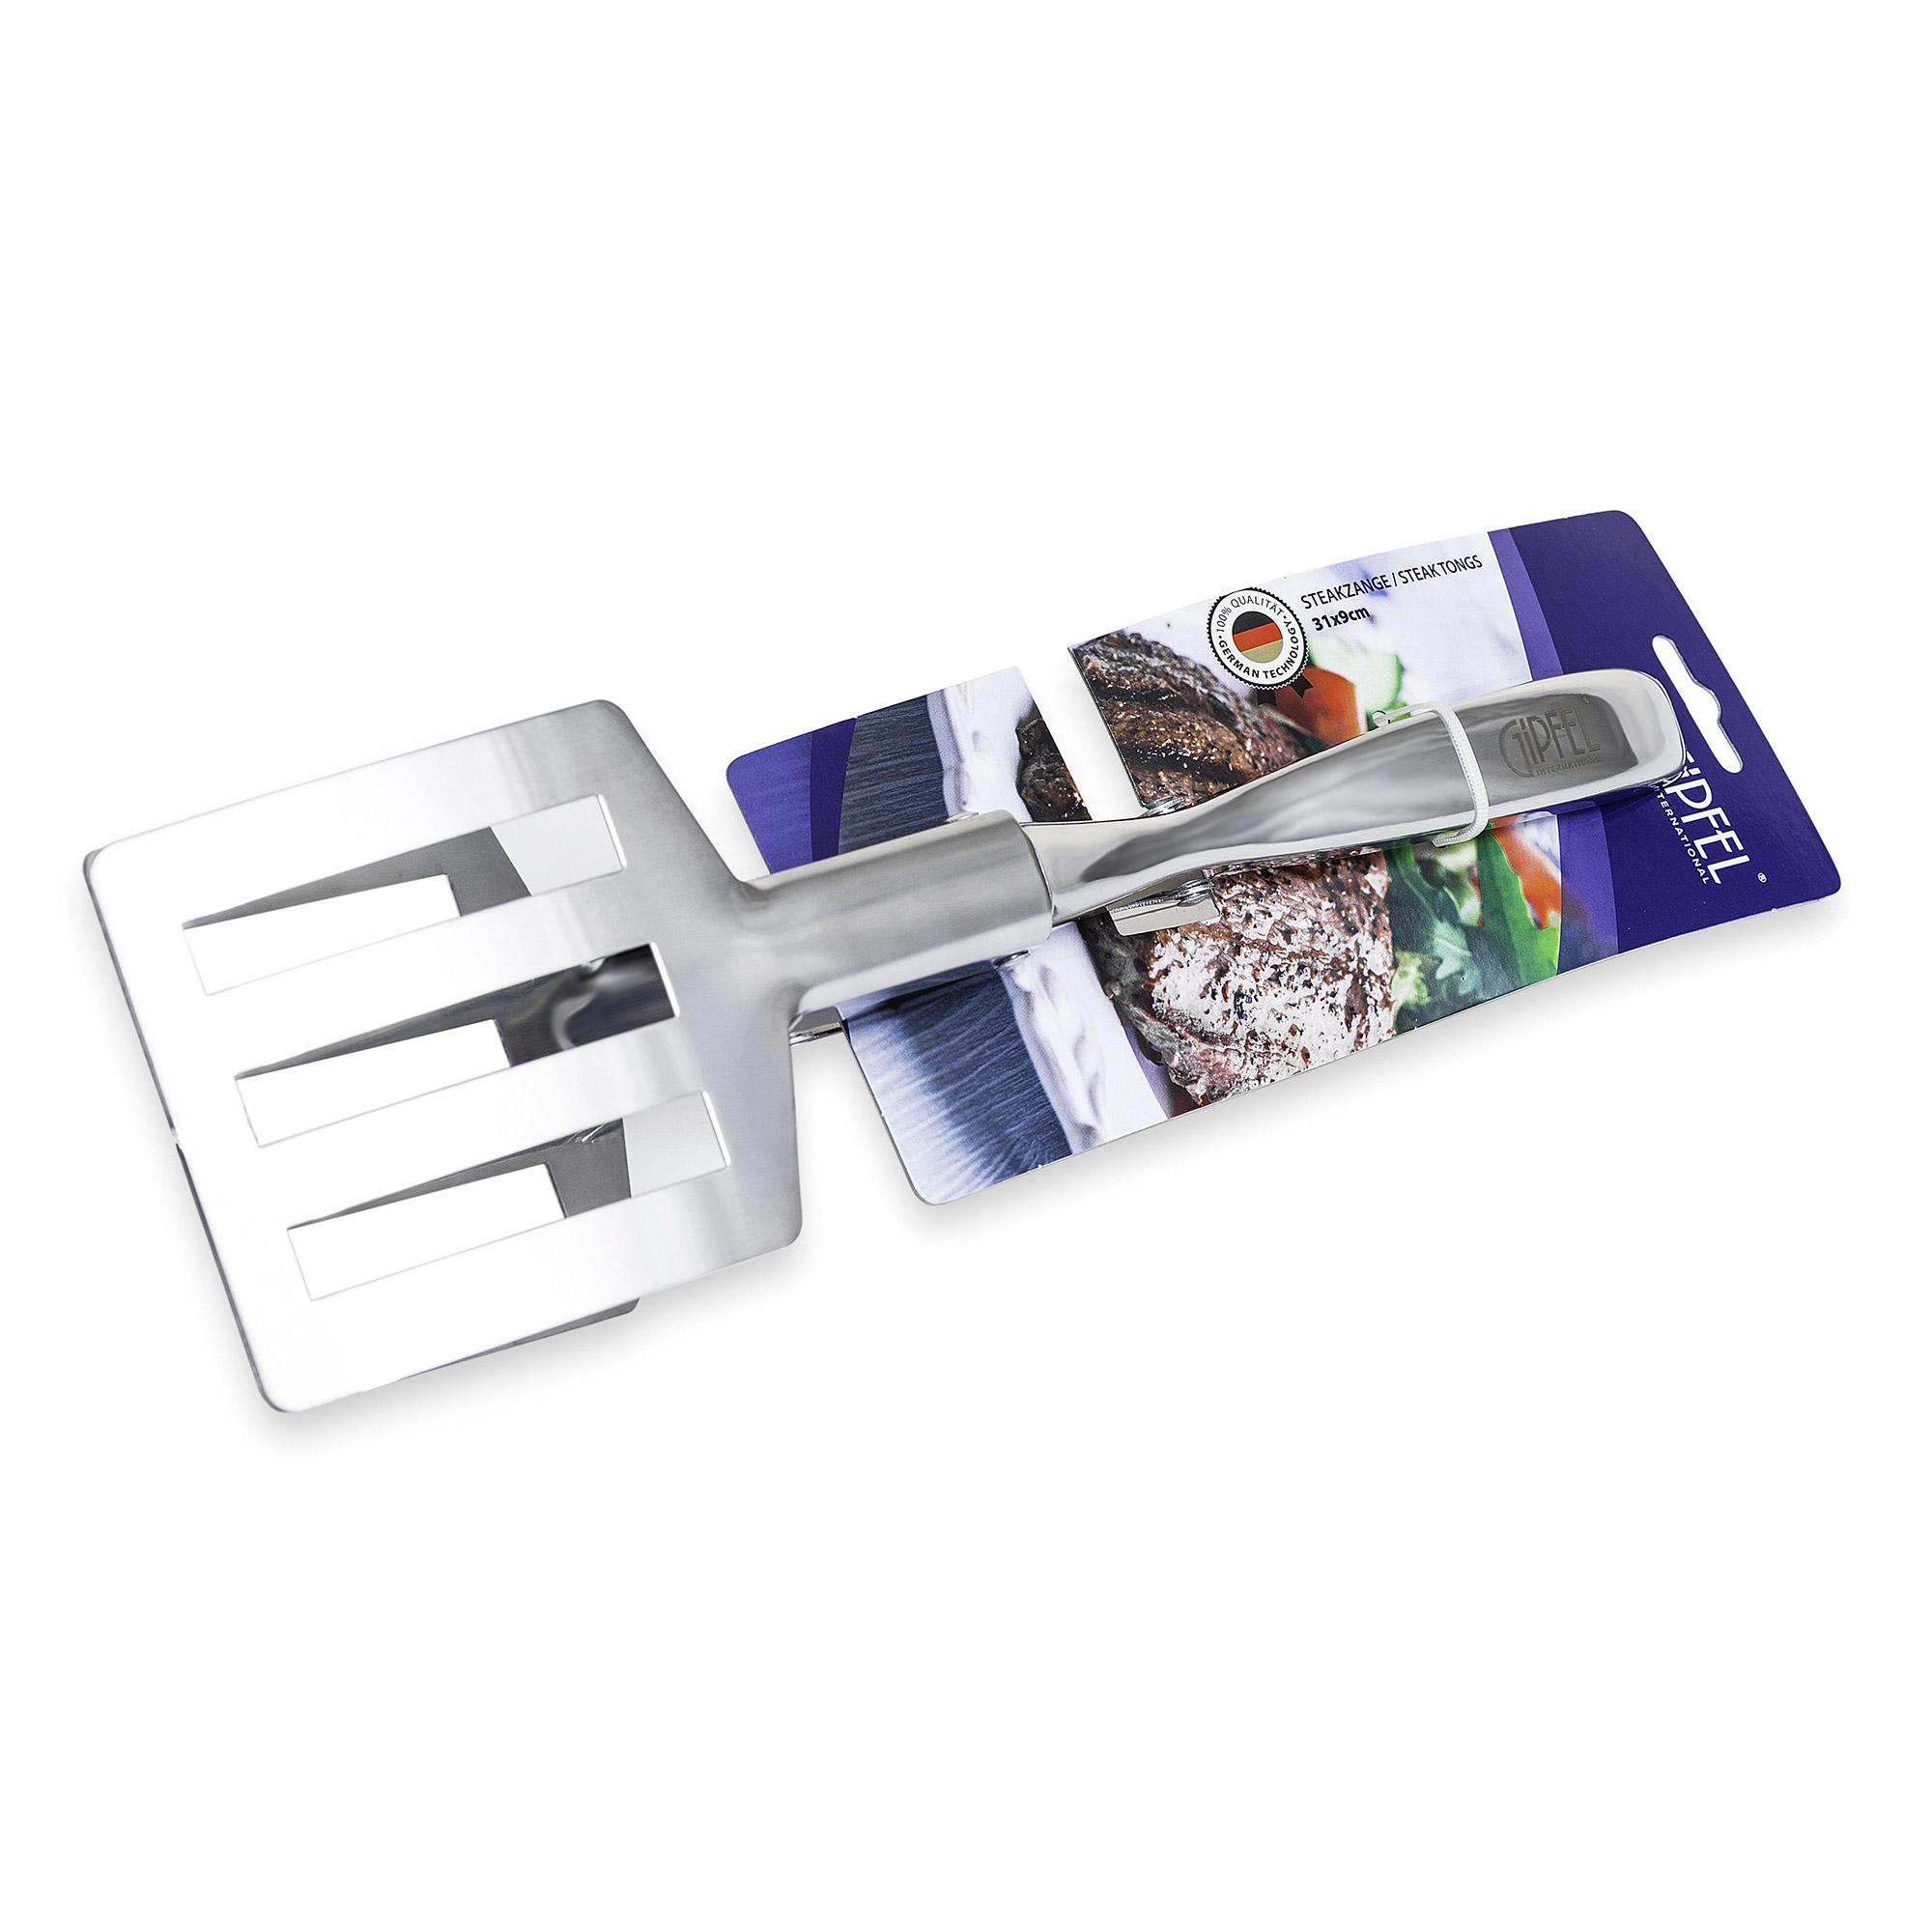 Щипцы кухонные Gipfel для стейков 31 см щипцы кухонные gipfel 30 см